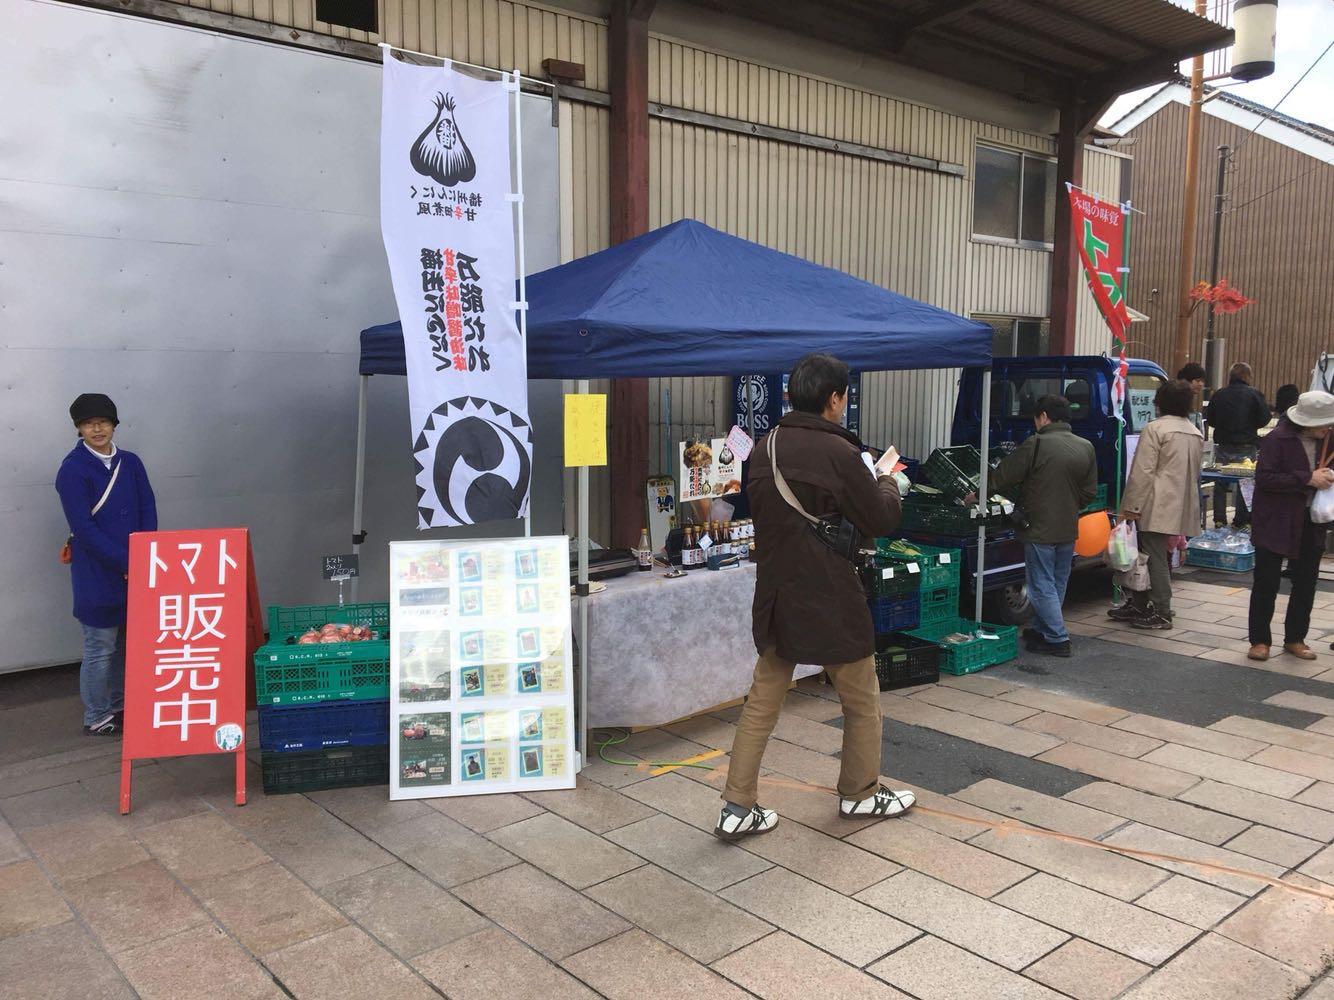 宍粟軽トラ市